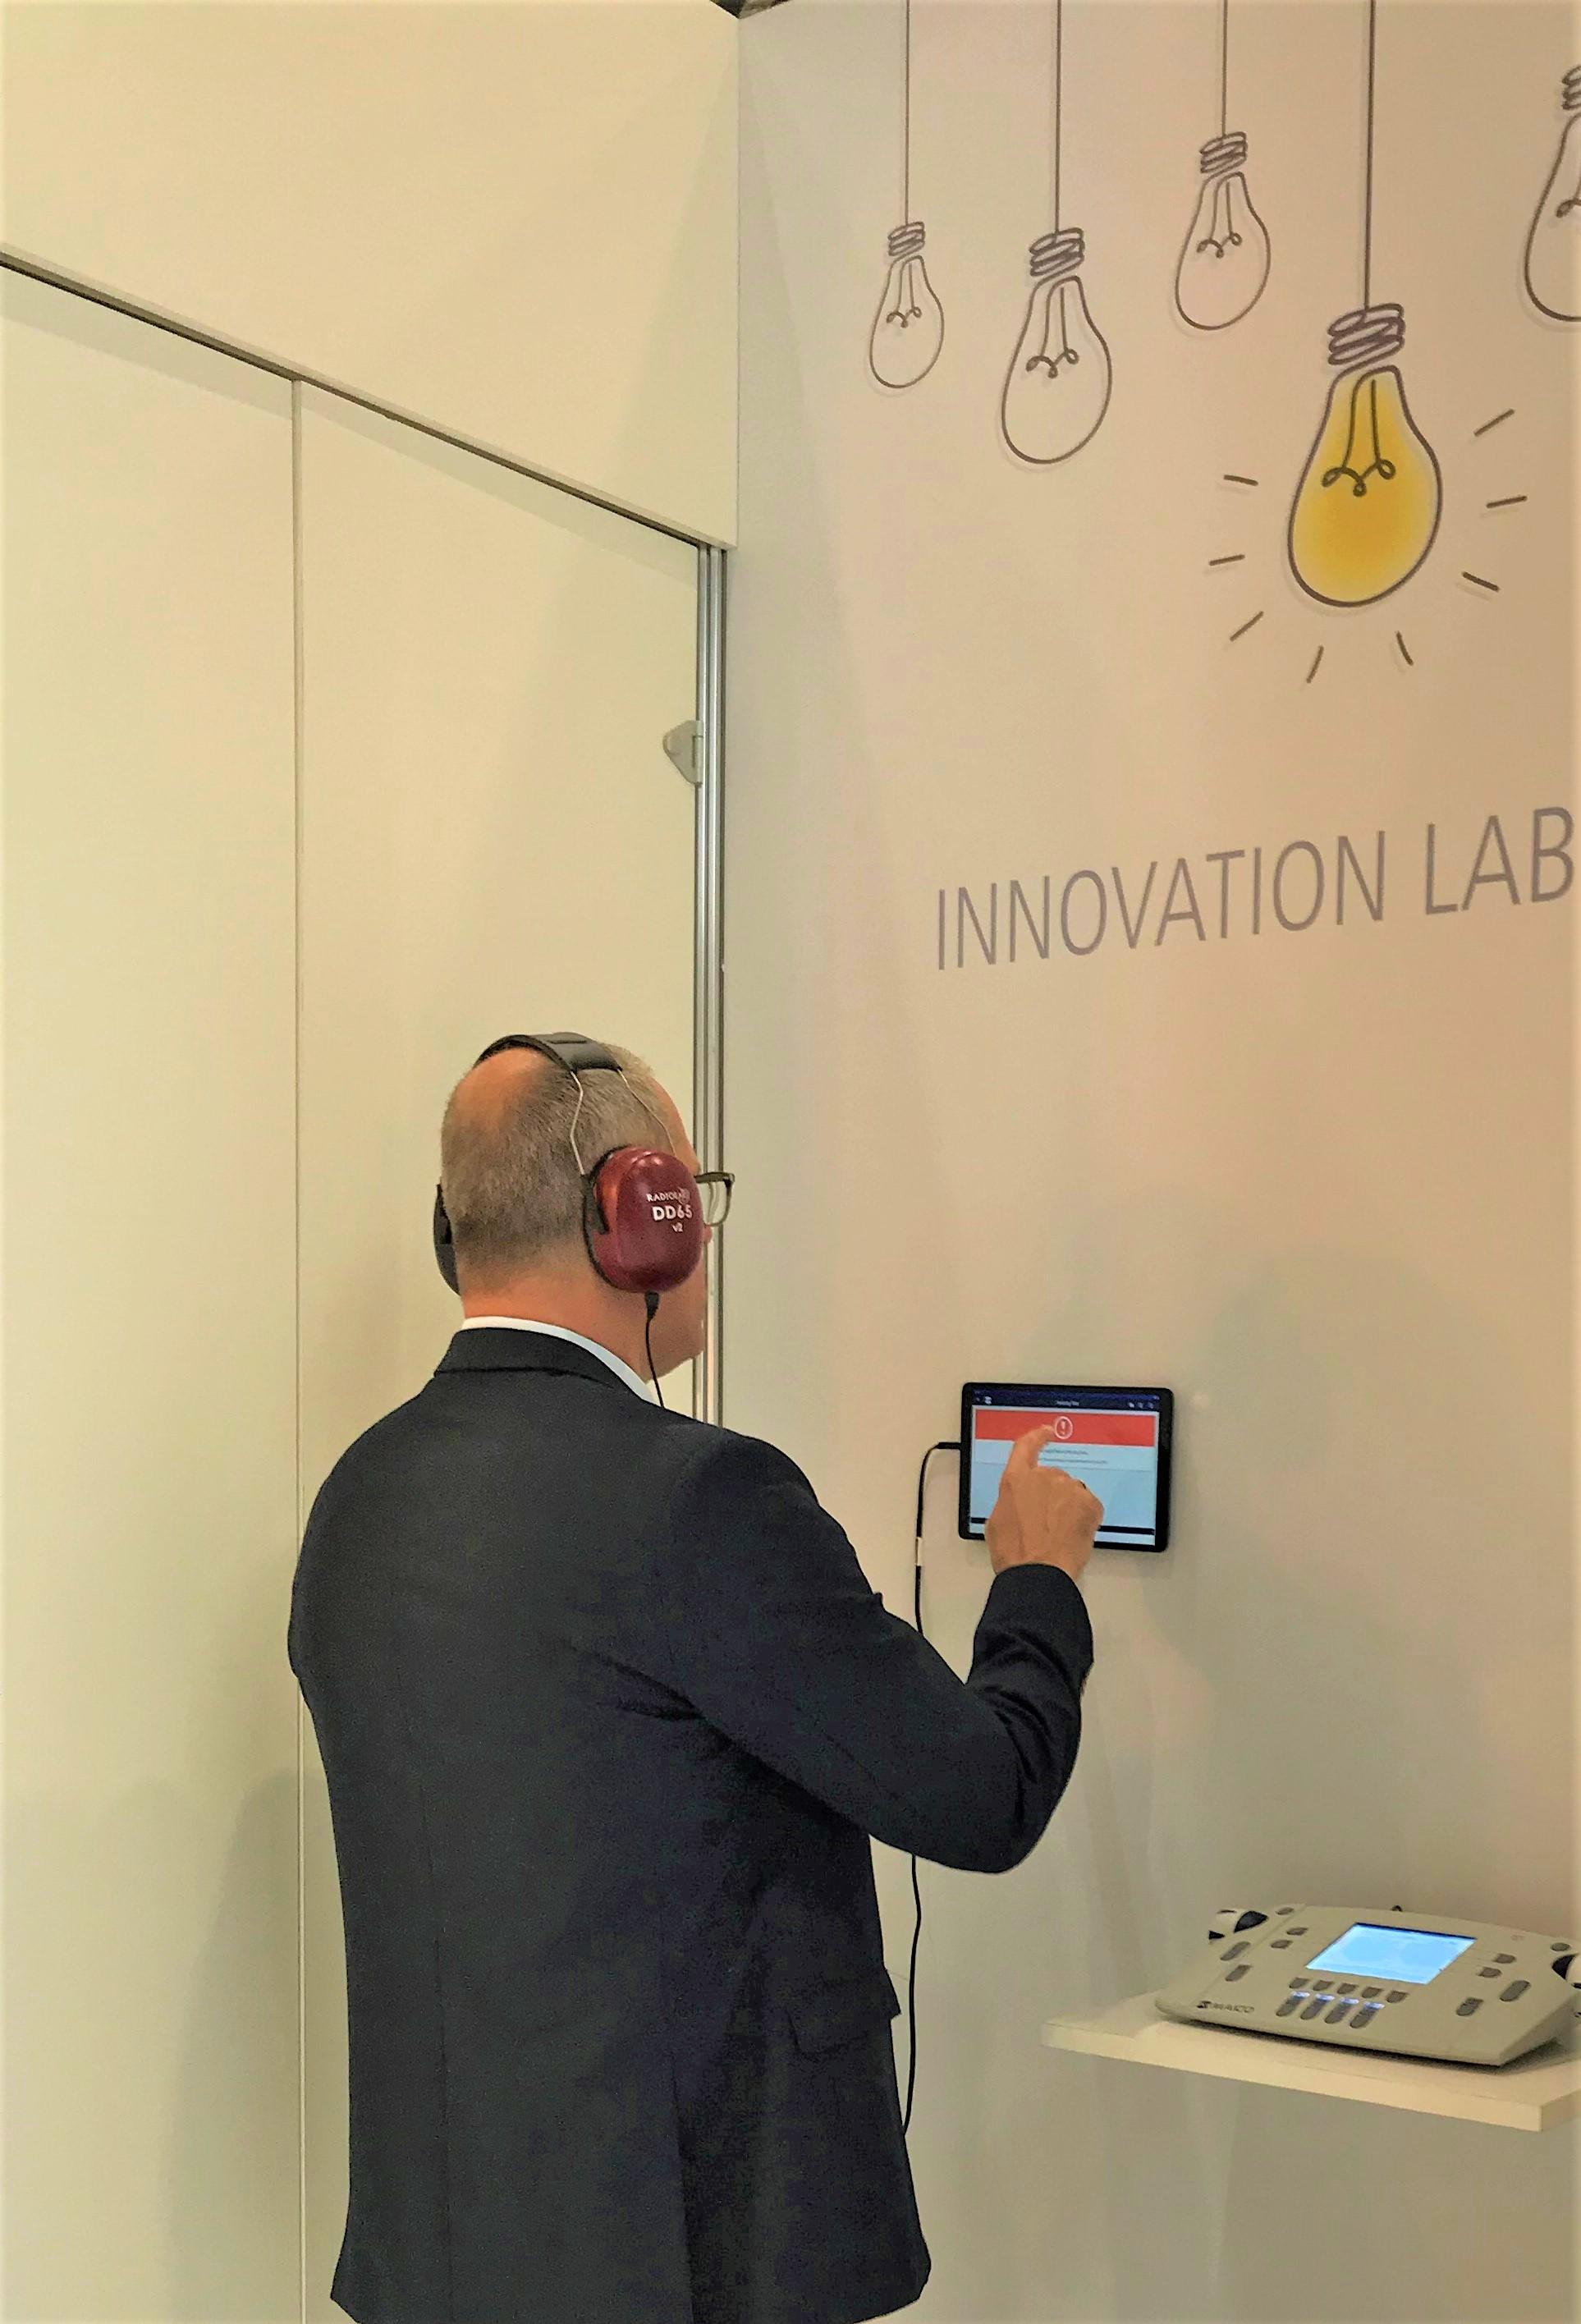 innovation-lab